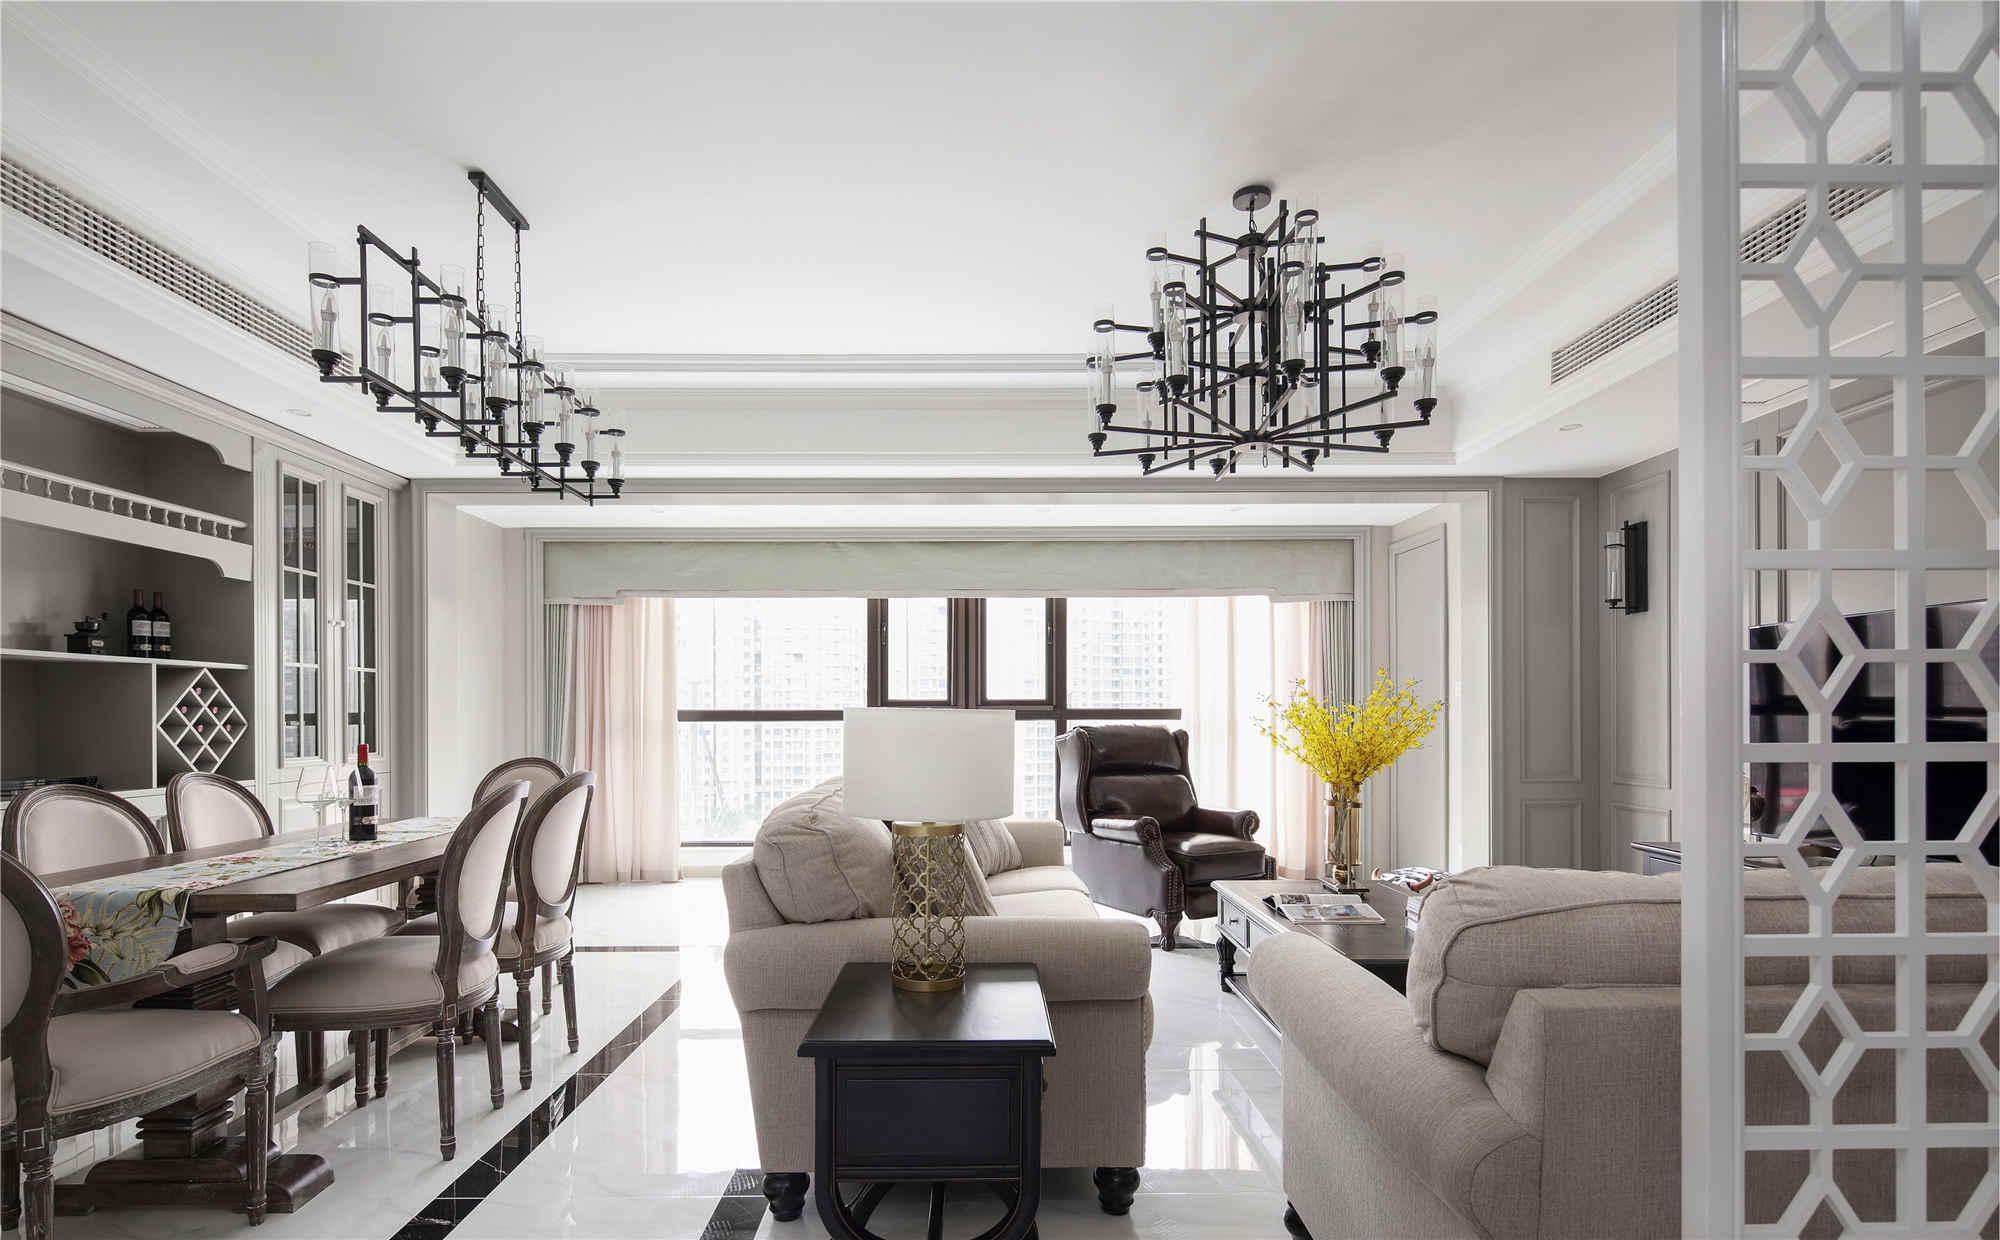 桃源漫步新中式风格五居室家装效果图